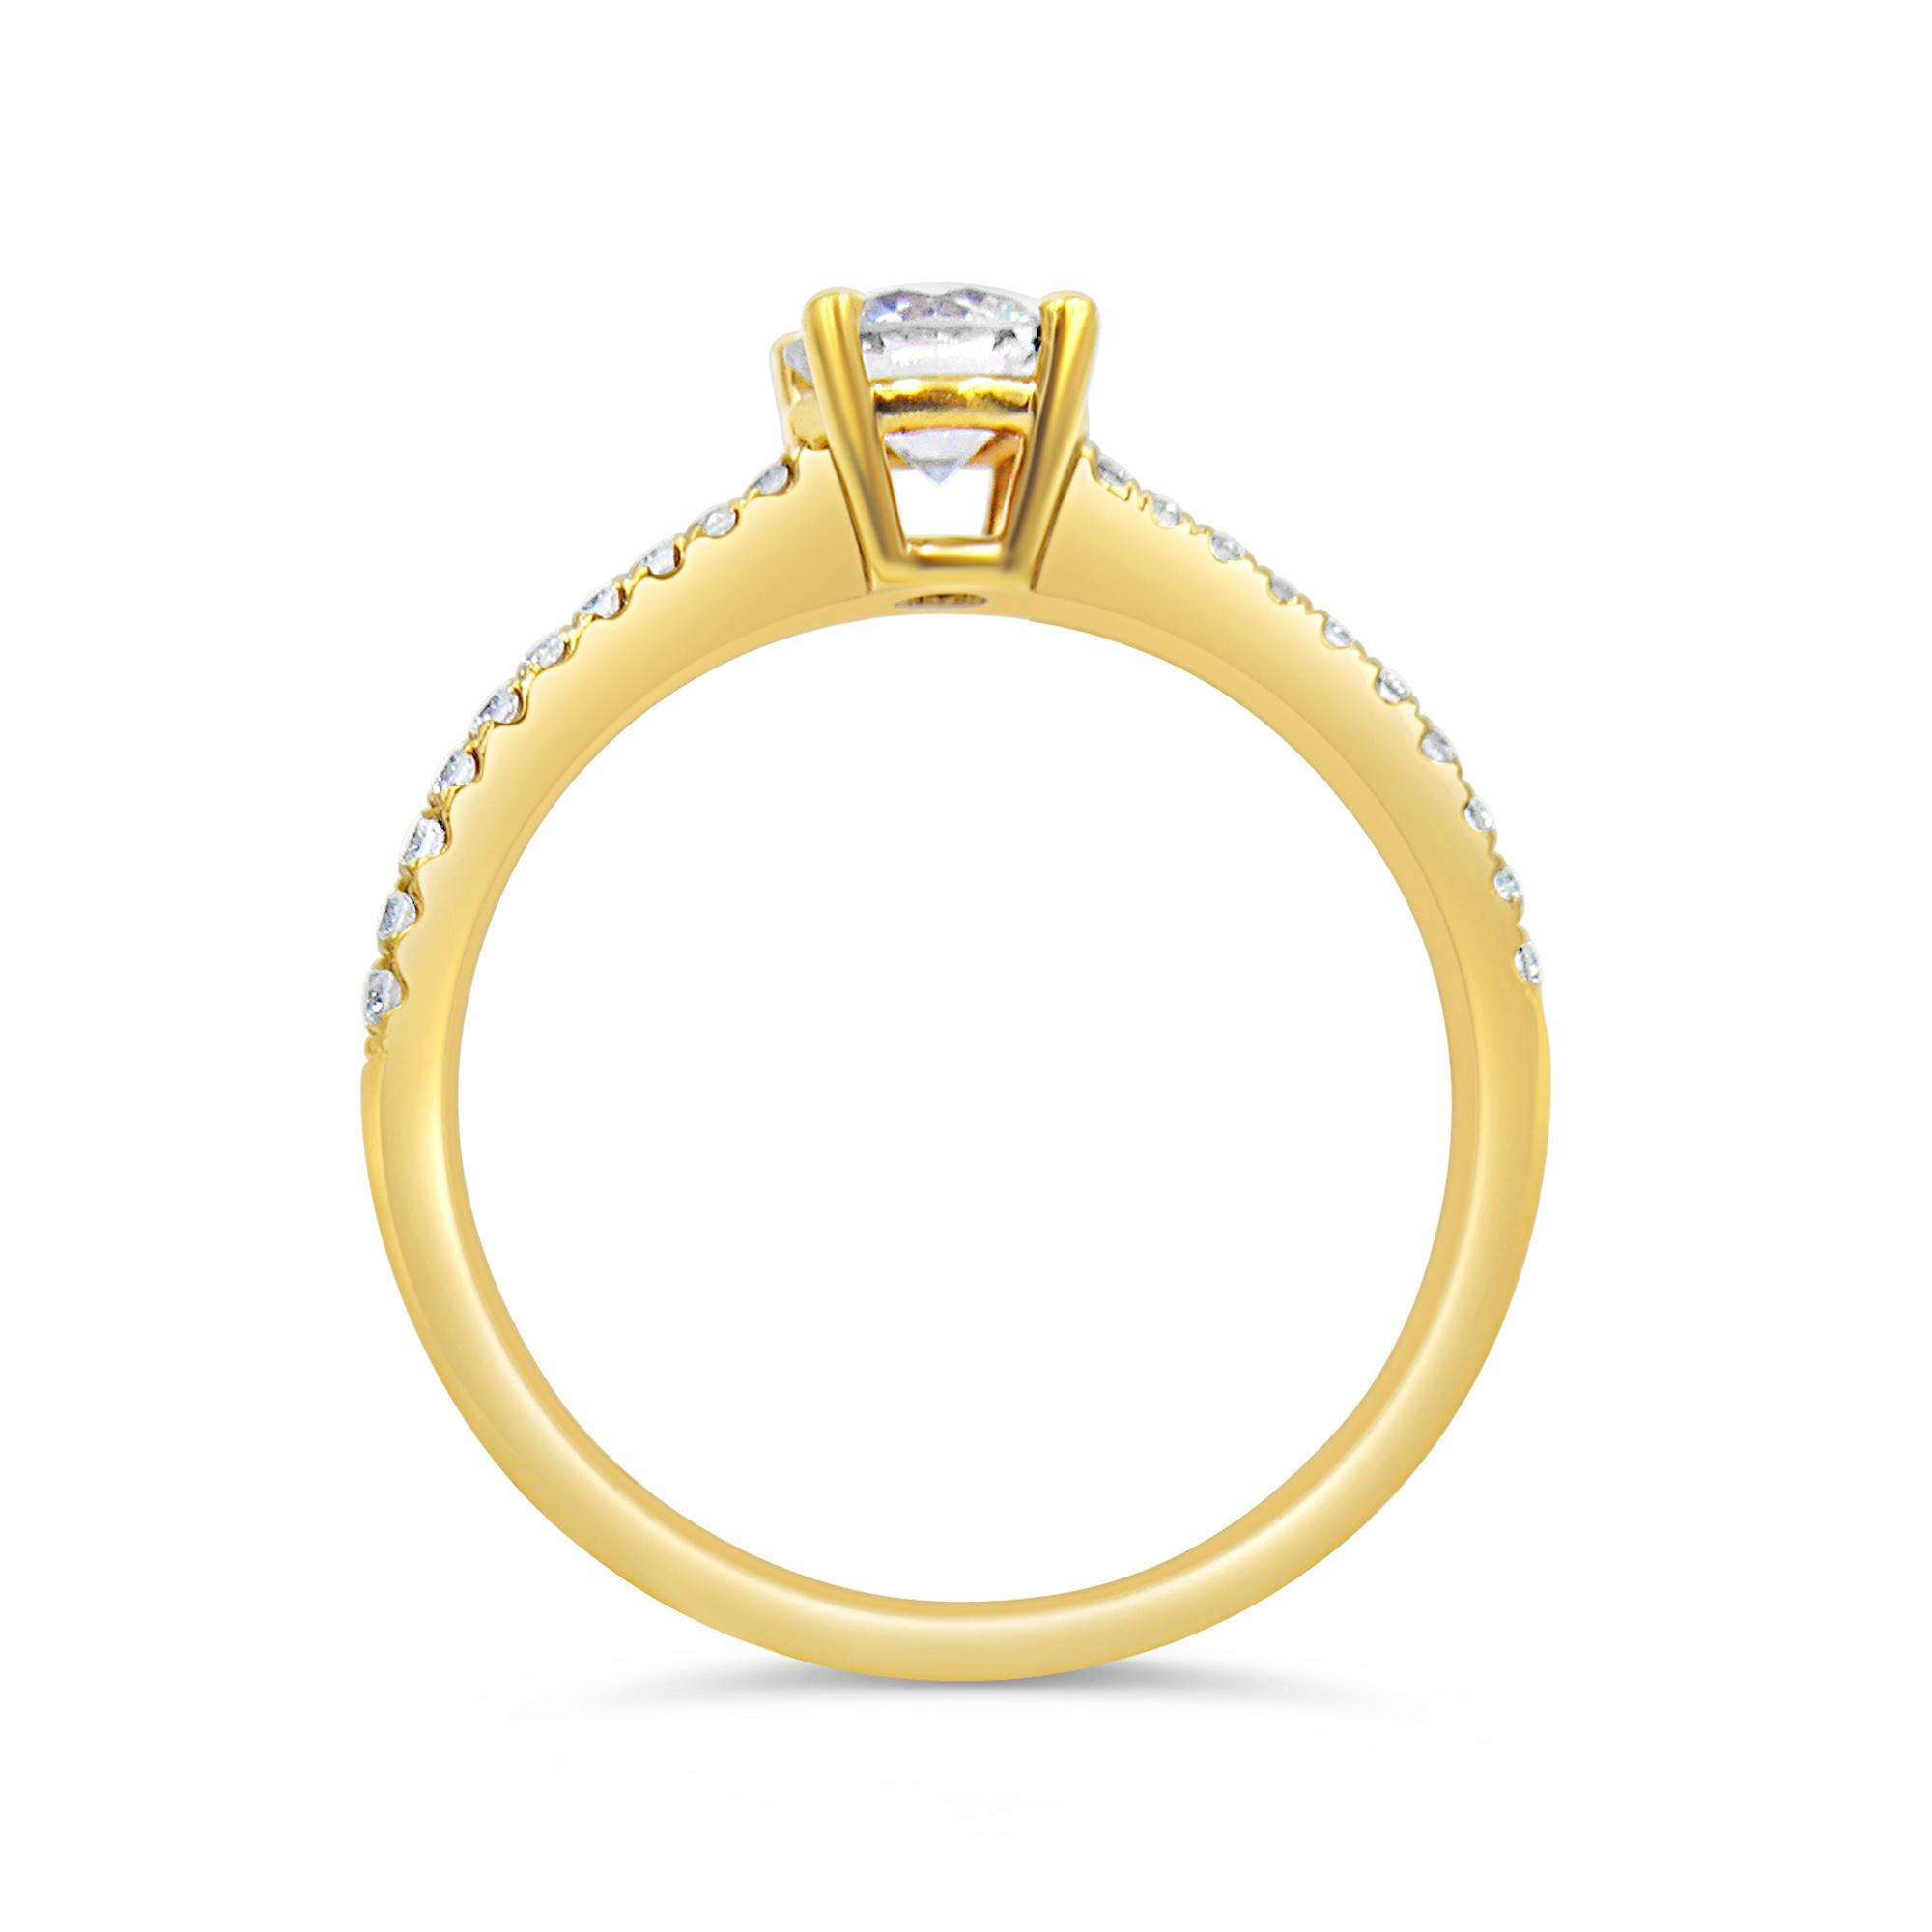 18kt geel goud verlovingsring met 0.80 ct diamanten